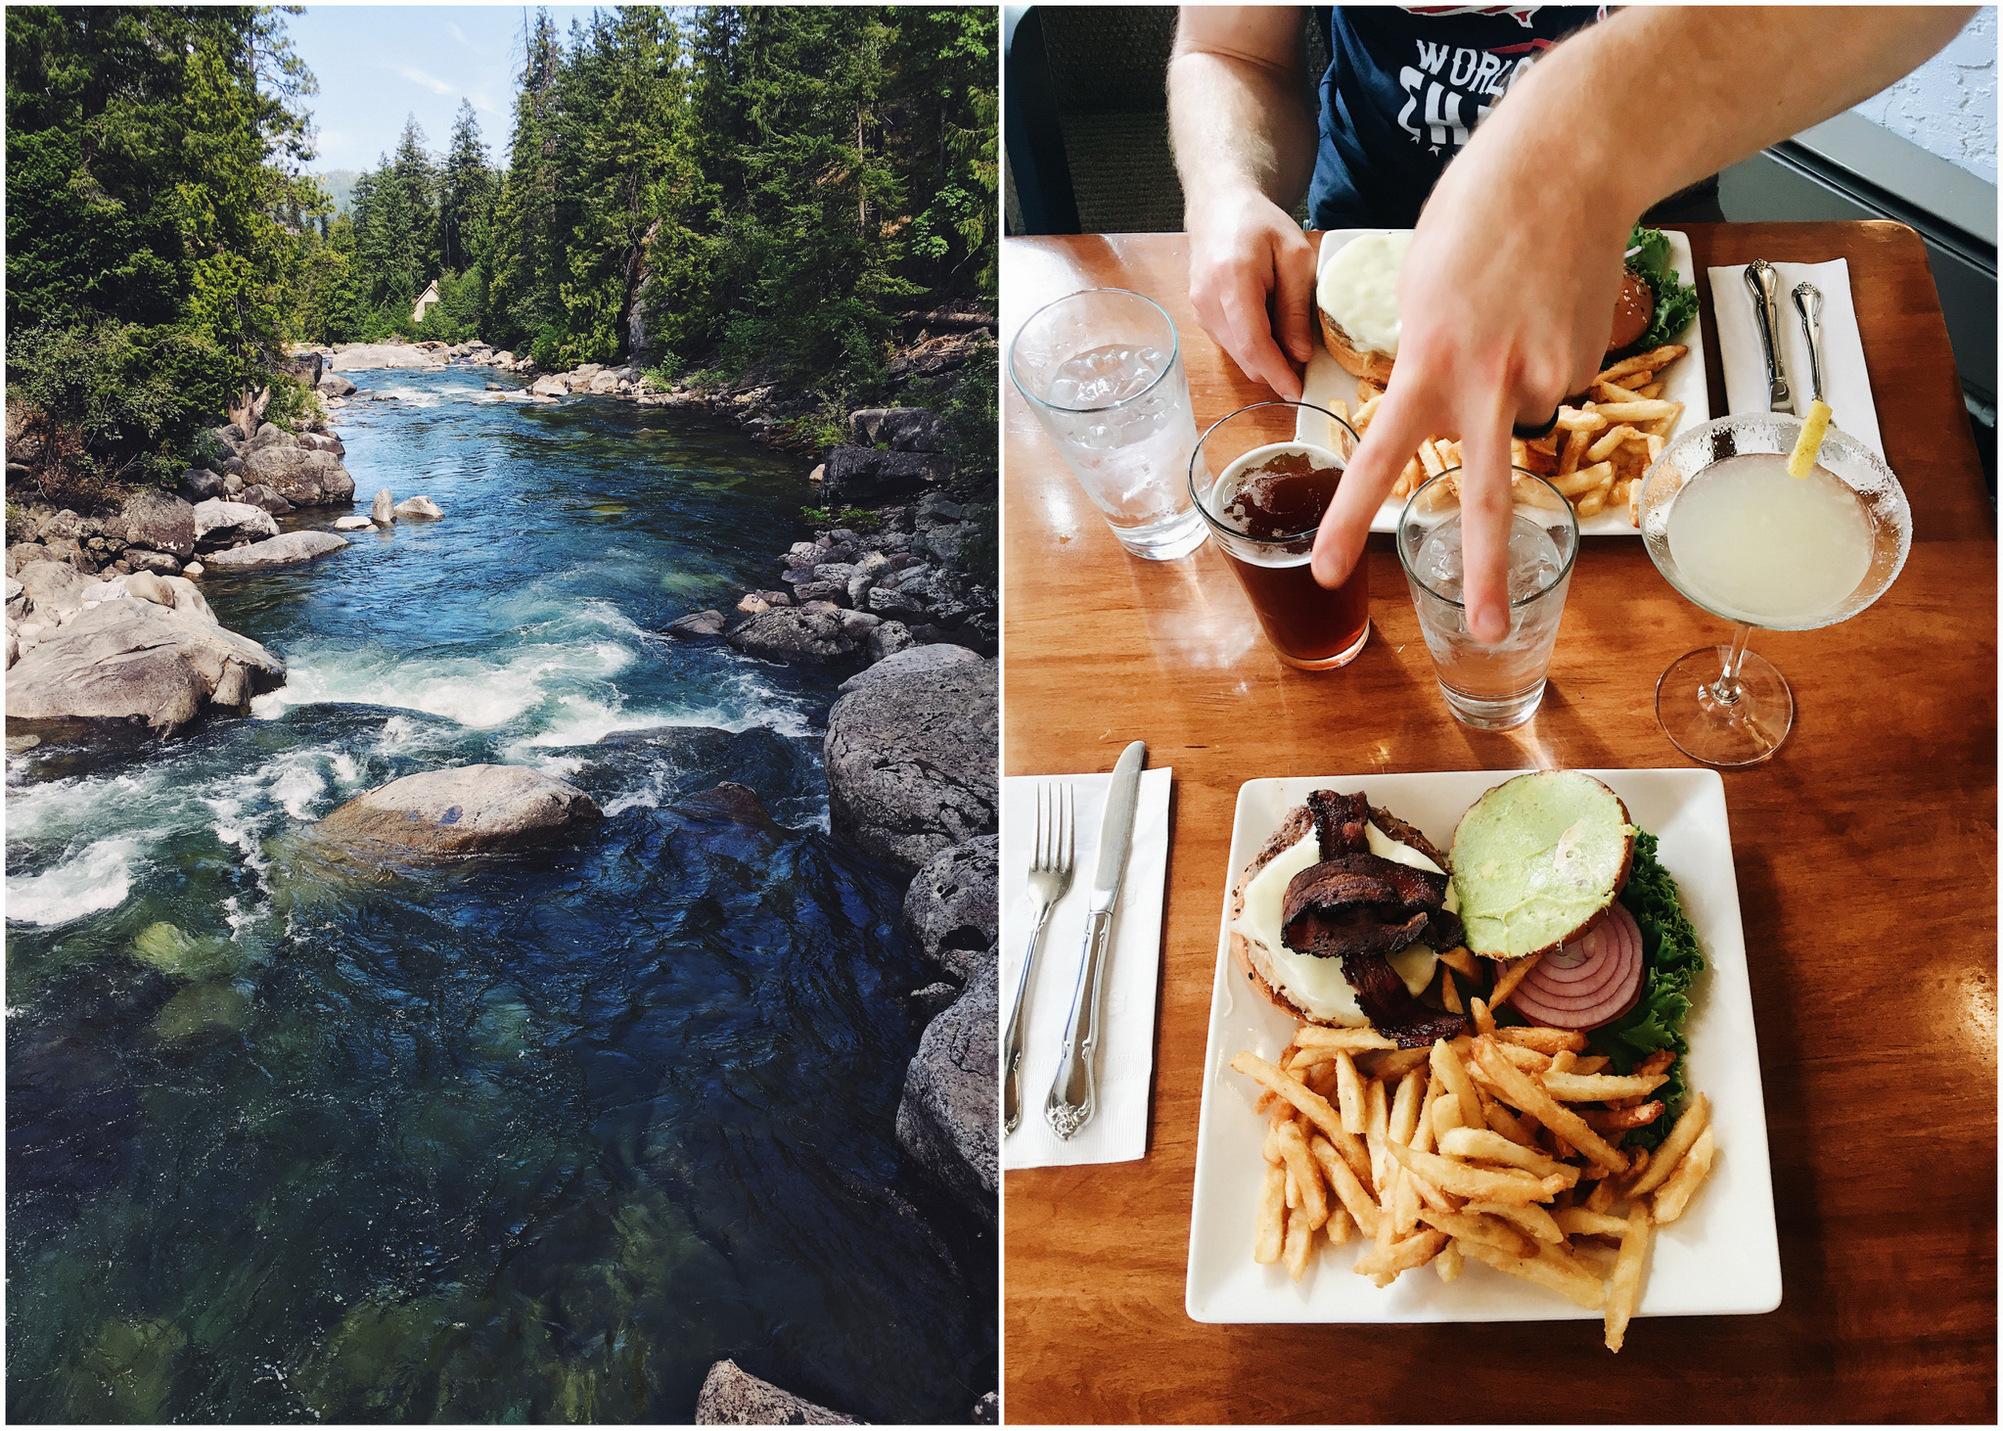 leavenworth washington hiking and food